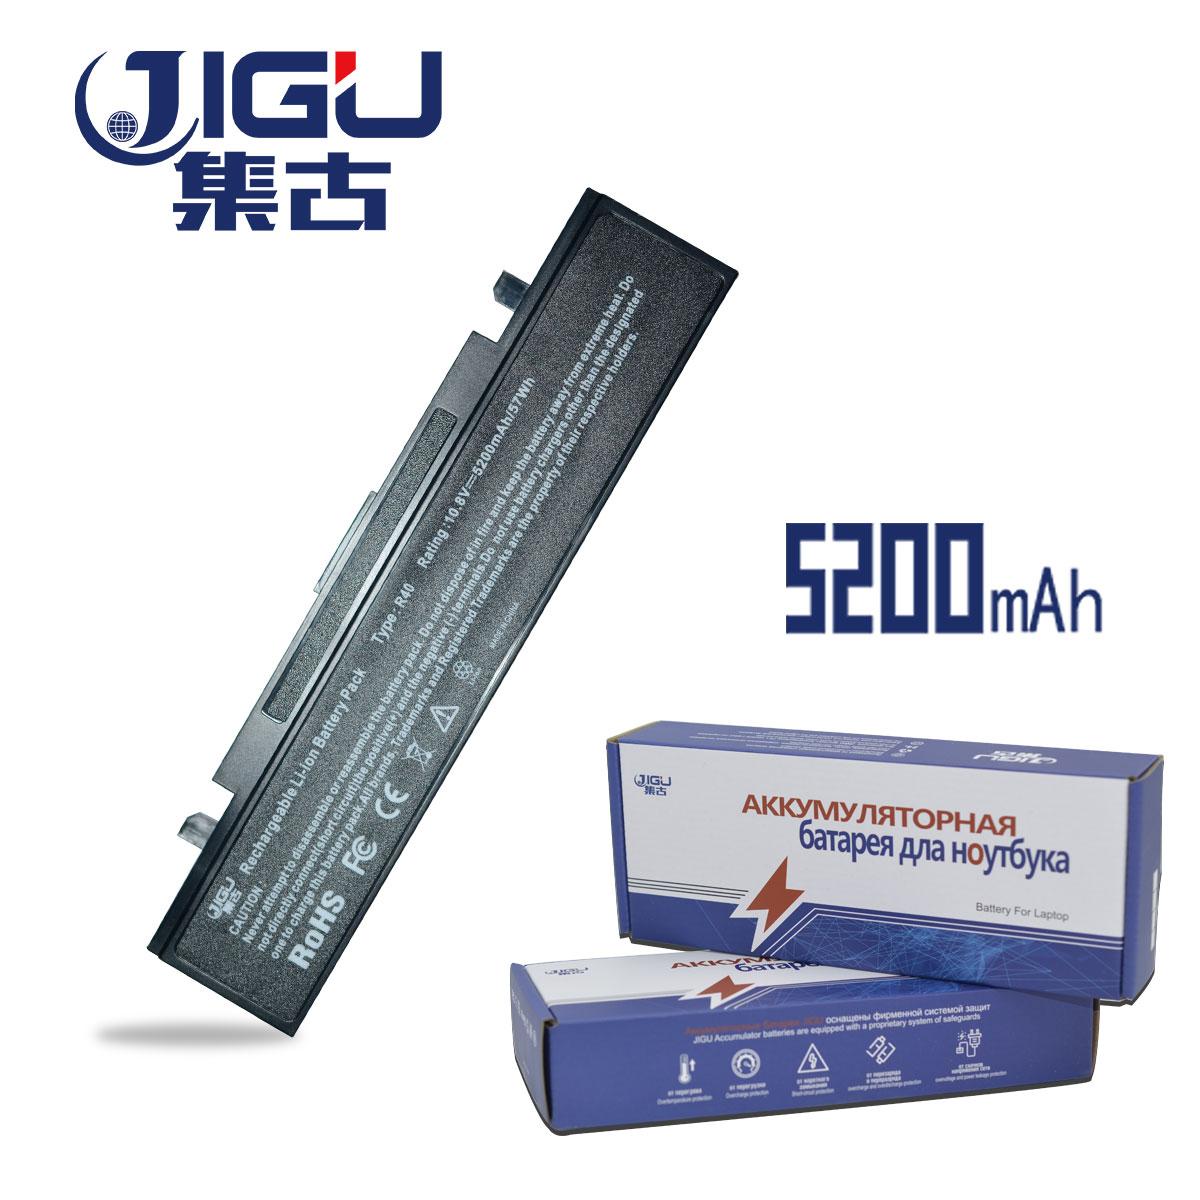 JIGU Laptop Battery FOR Samsung R505 FS02 R510 R560 P50 Pro P60Pro Q210 Q310 Q320 R39-DY04 R40 R408 R410 R45 R45 Pro R458 R460